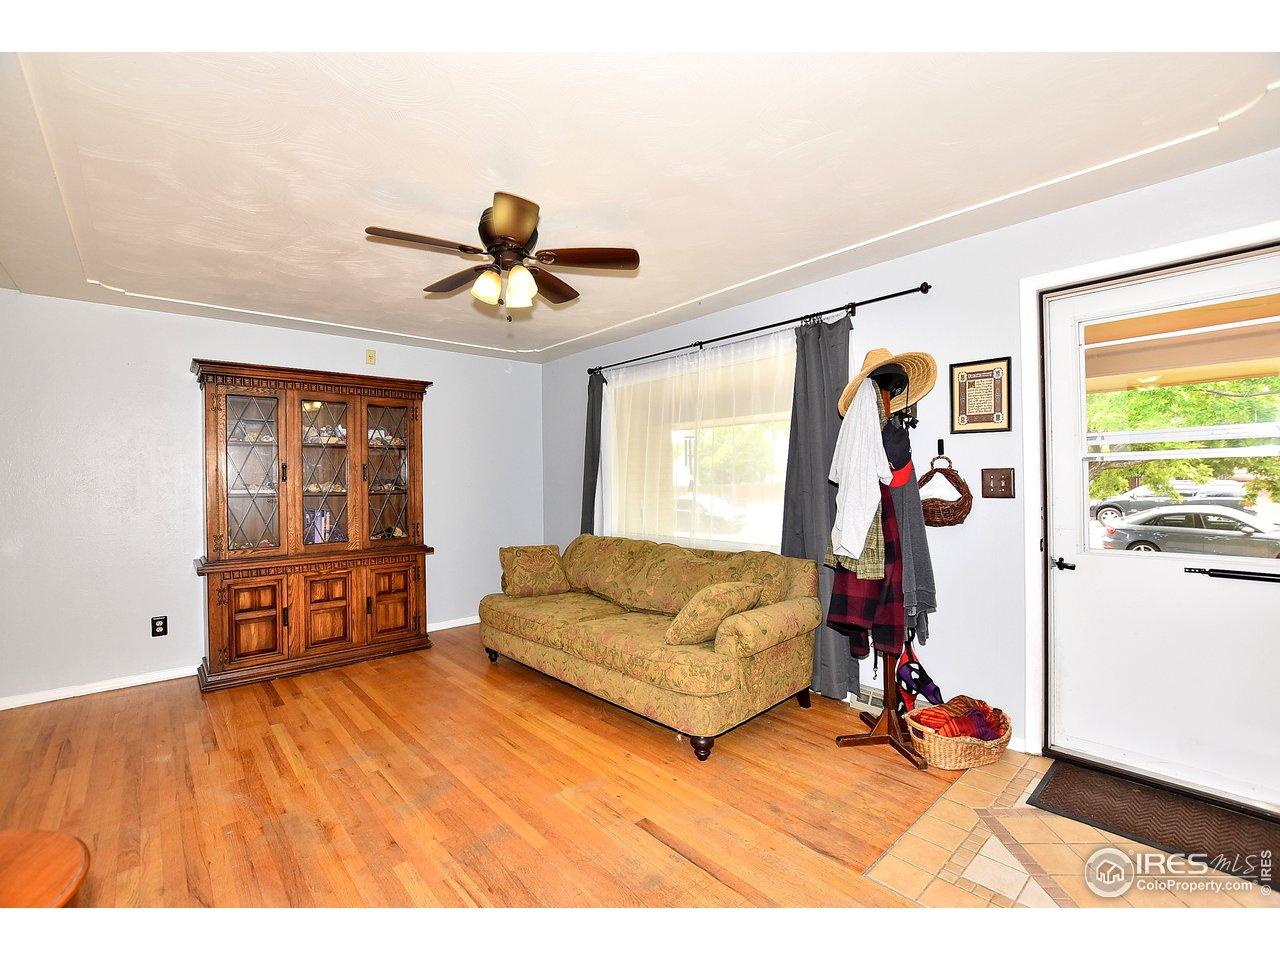 1103 S Tyler Ave Loveland Co 80537 Loveland Sold